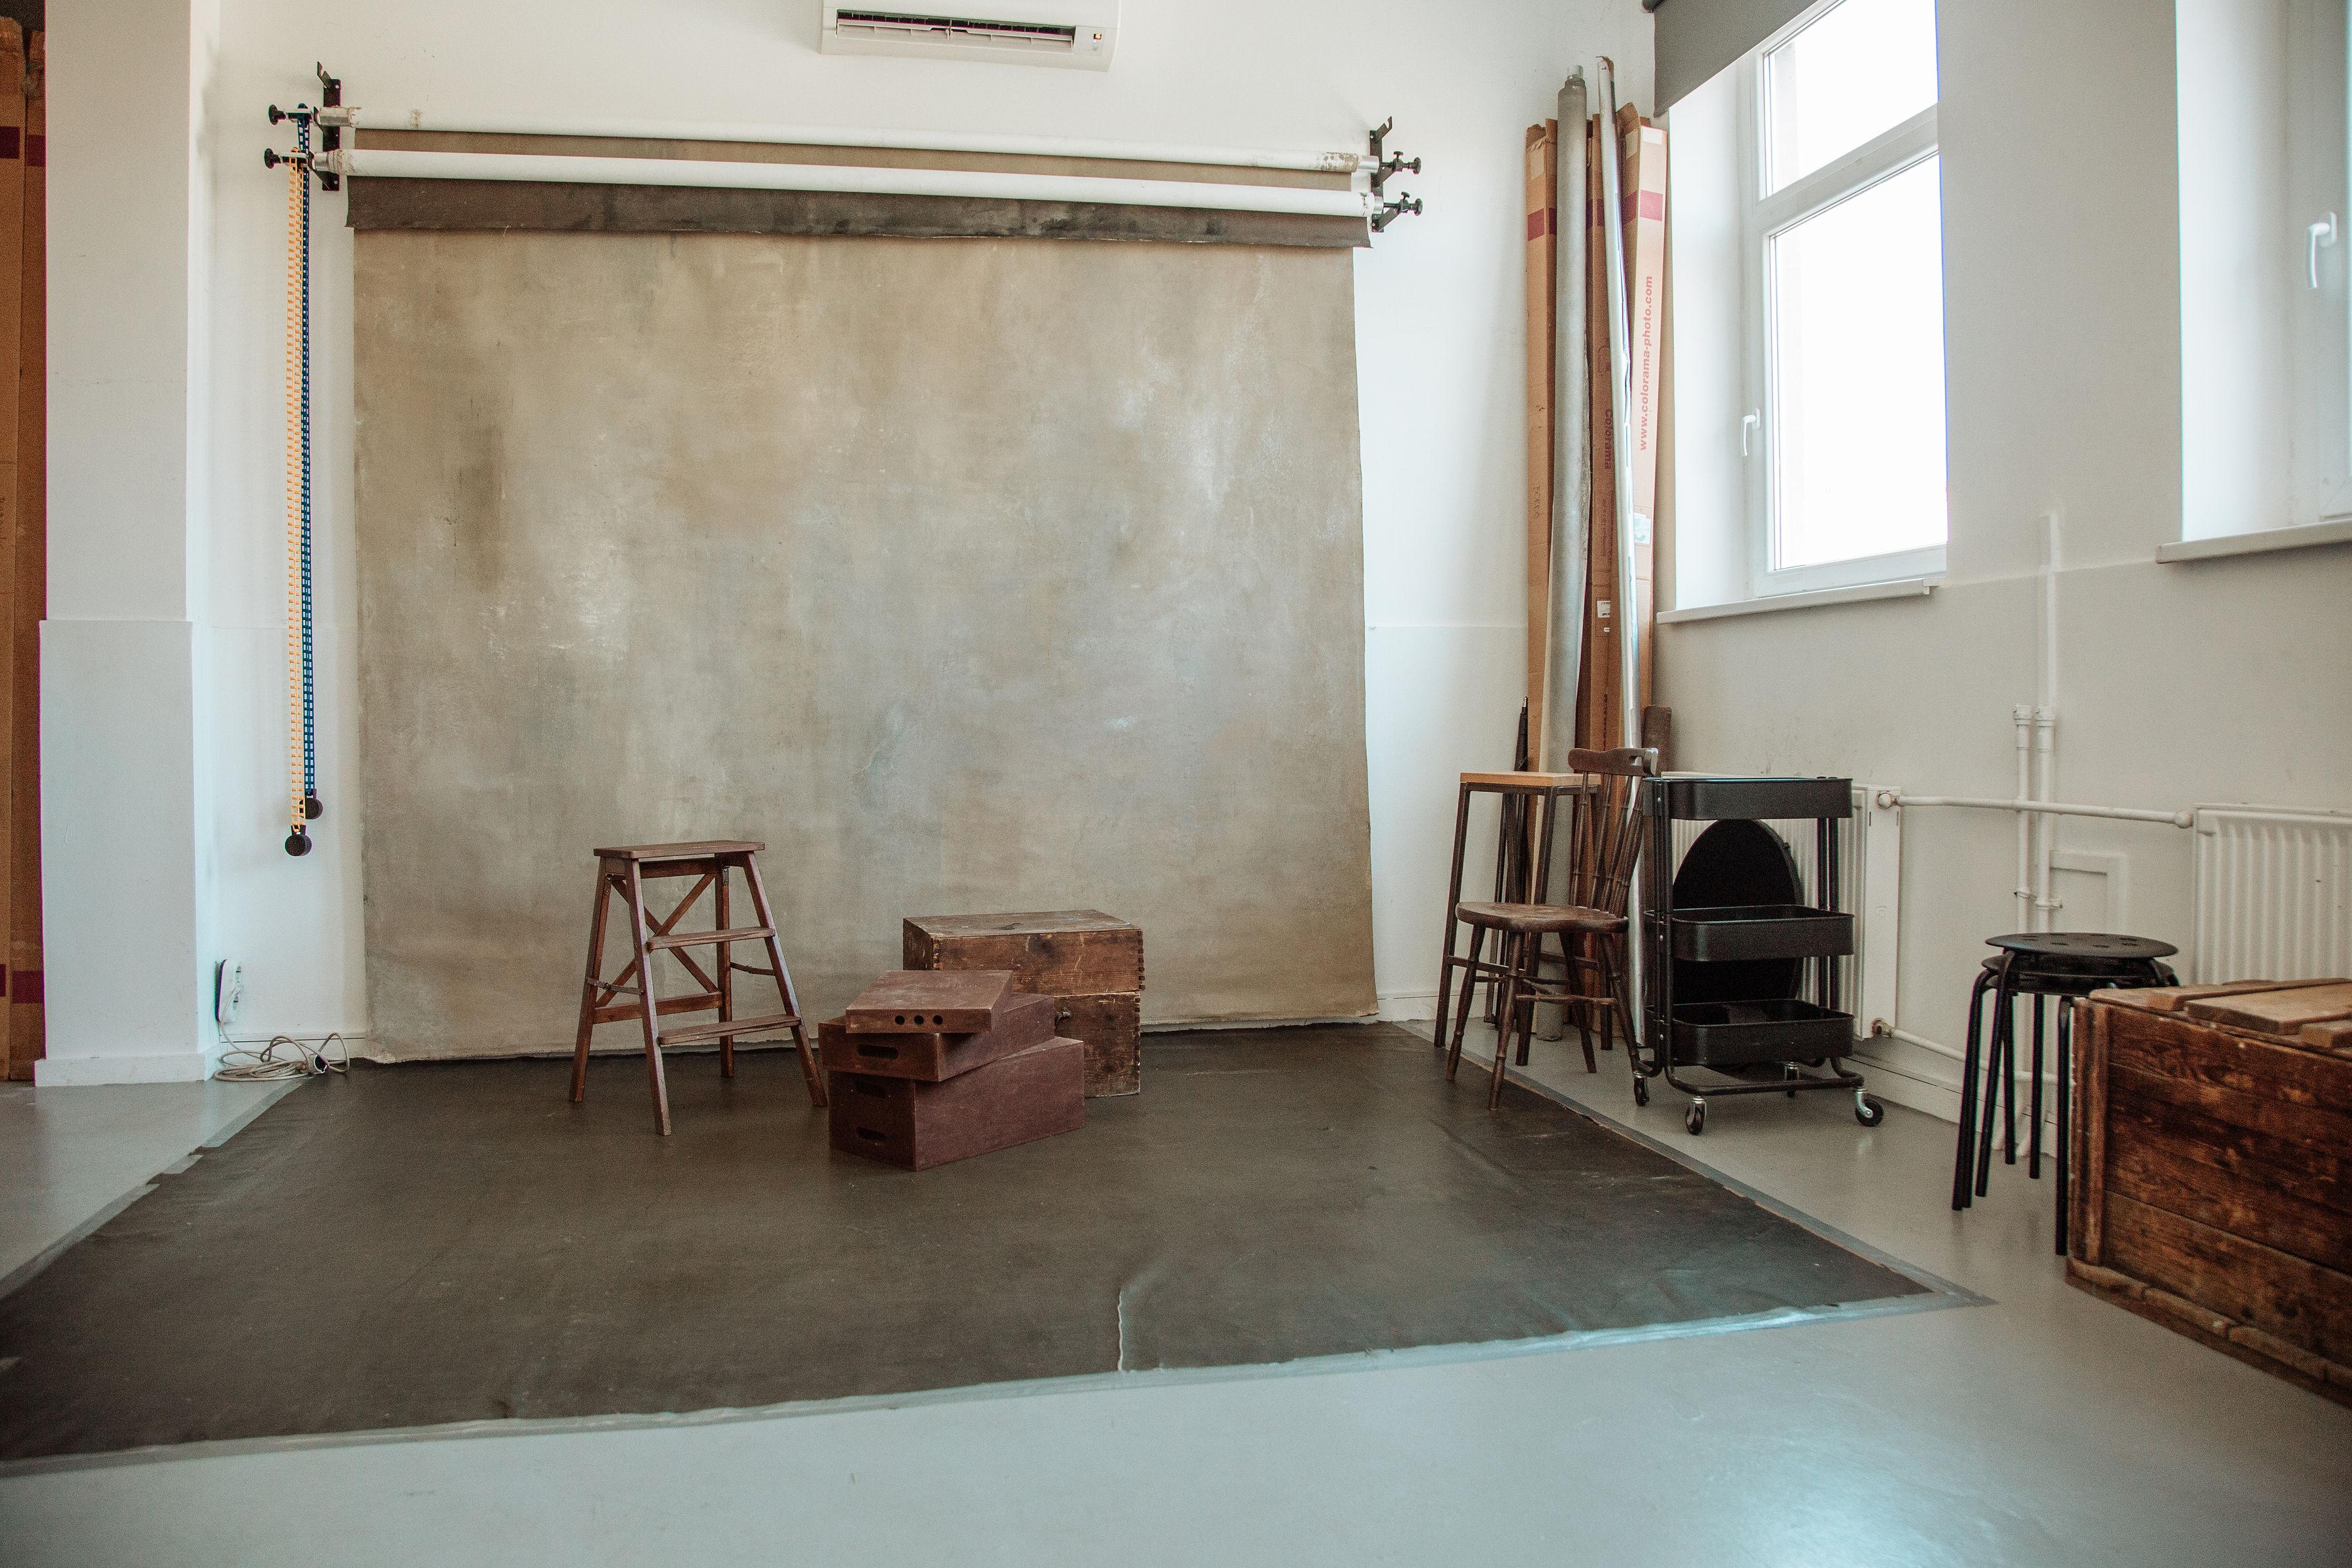 KOA_studio-7